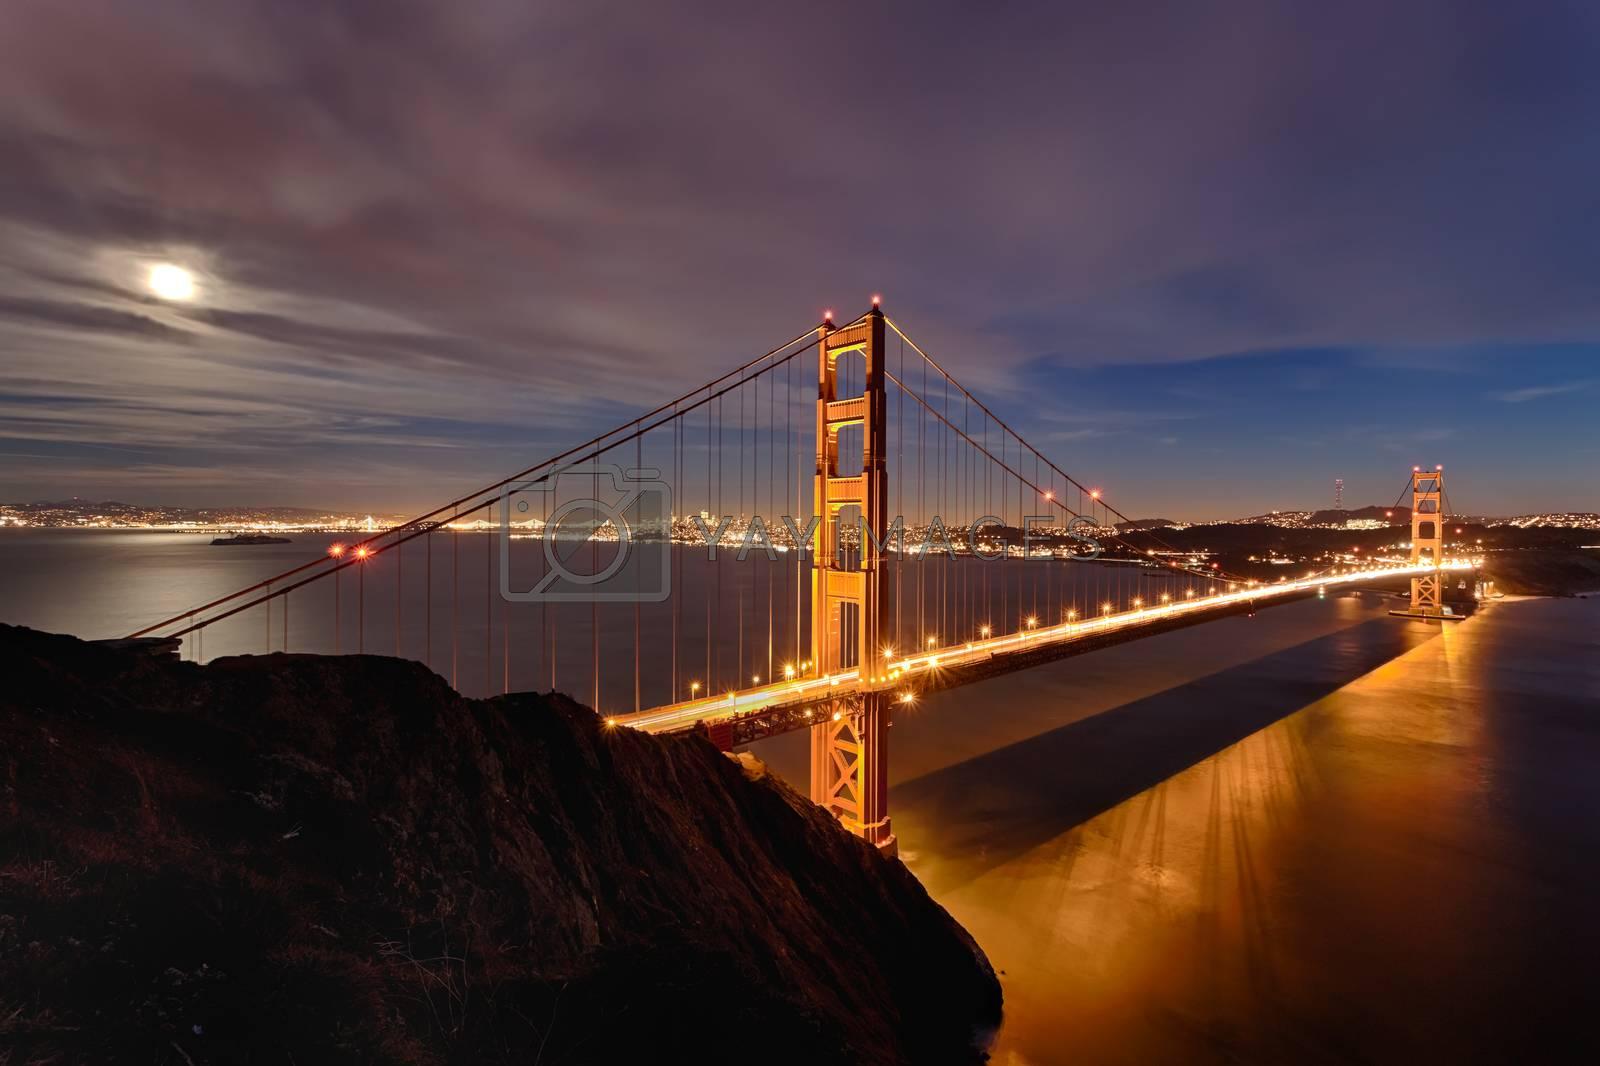 Golden Gate Bridge in San Fracisco City by hanusst